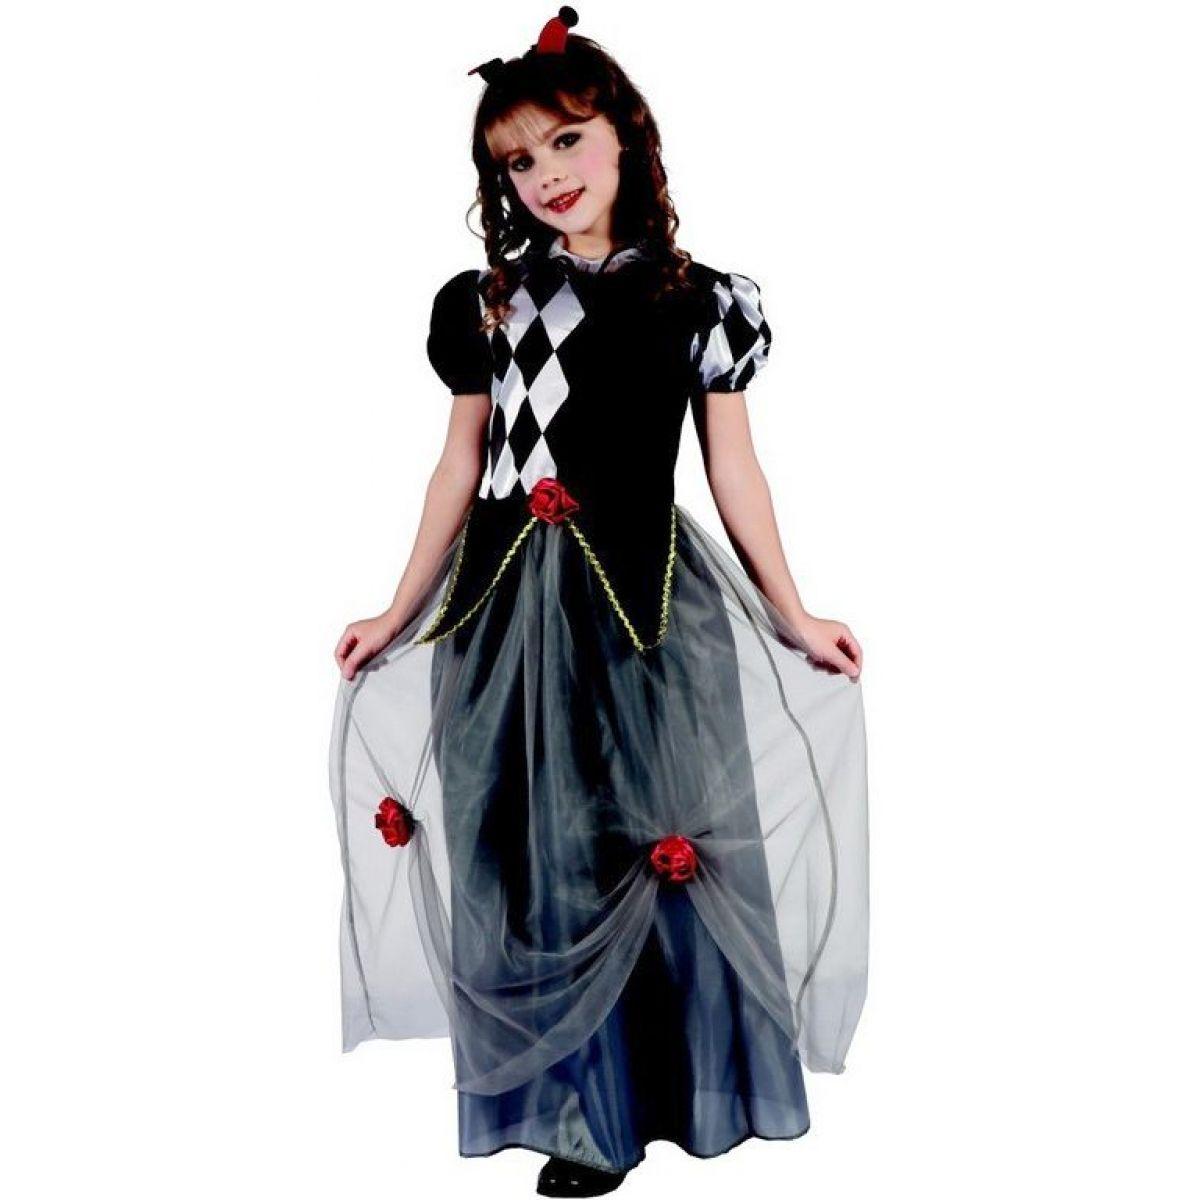 Dětský karnevalový kostým princezna šašek M 120 - 130 cm